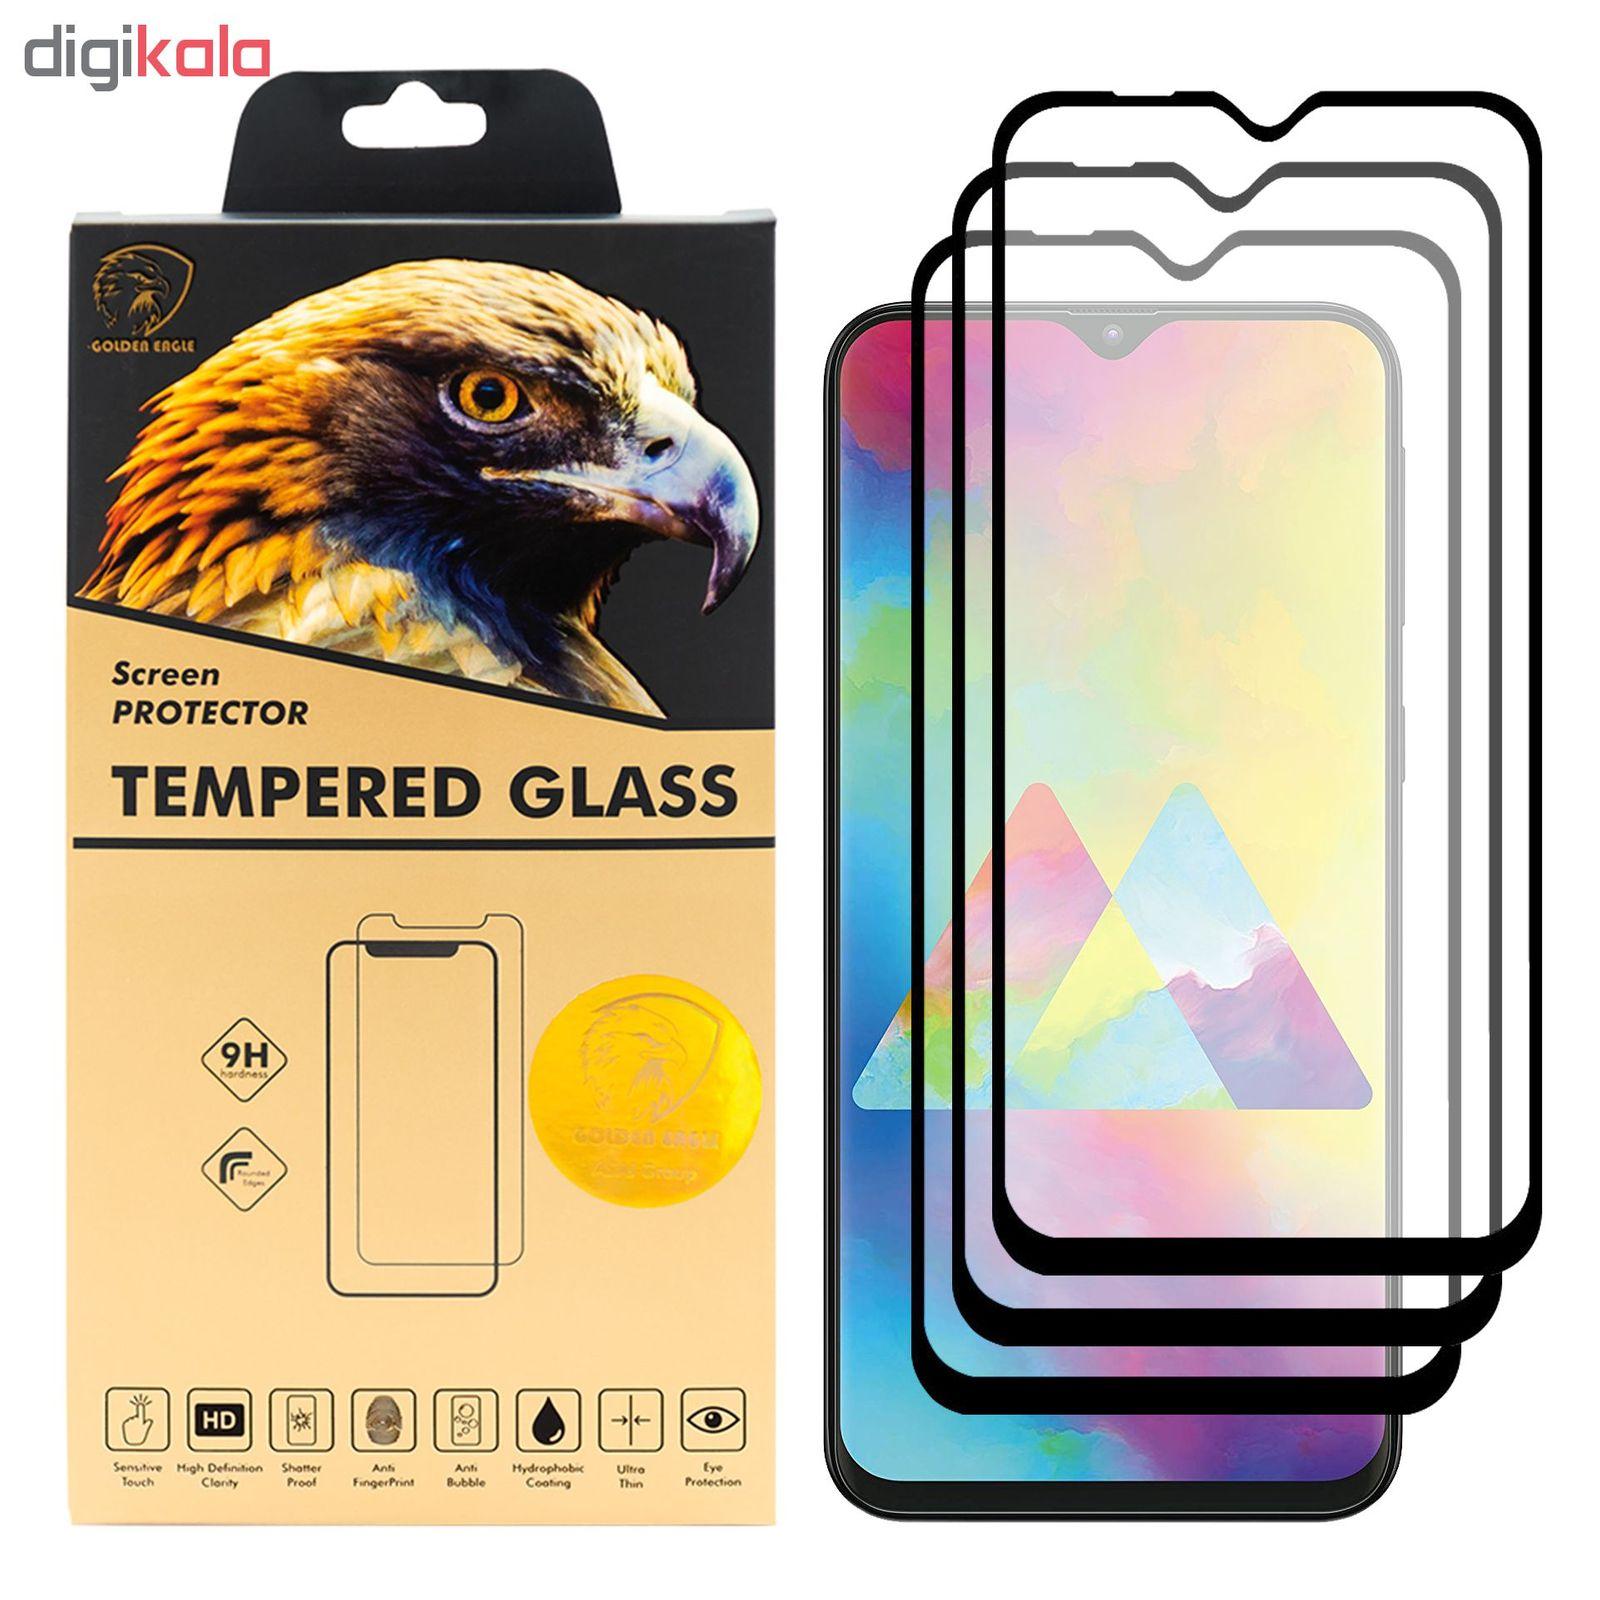 محافظ صفحه نمایش گلدن ایگل مدل DFC-X3 مناسب برای گوشی موبایل سامسونگ Galaxy M20 بسته سه عددی main 1 1